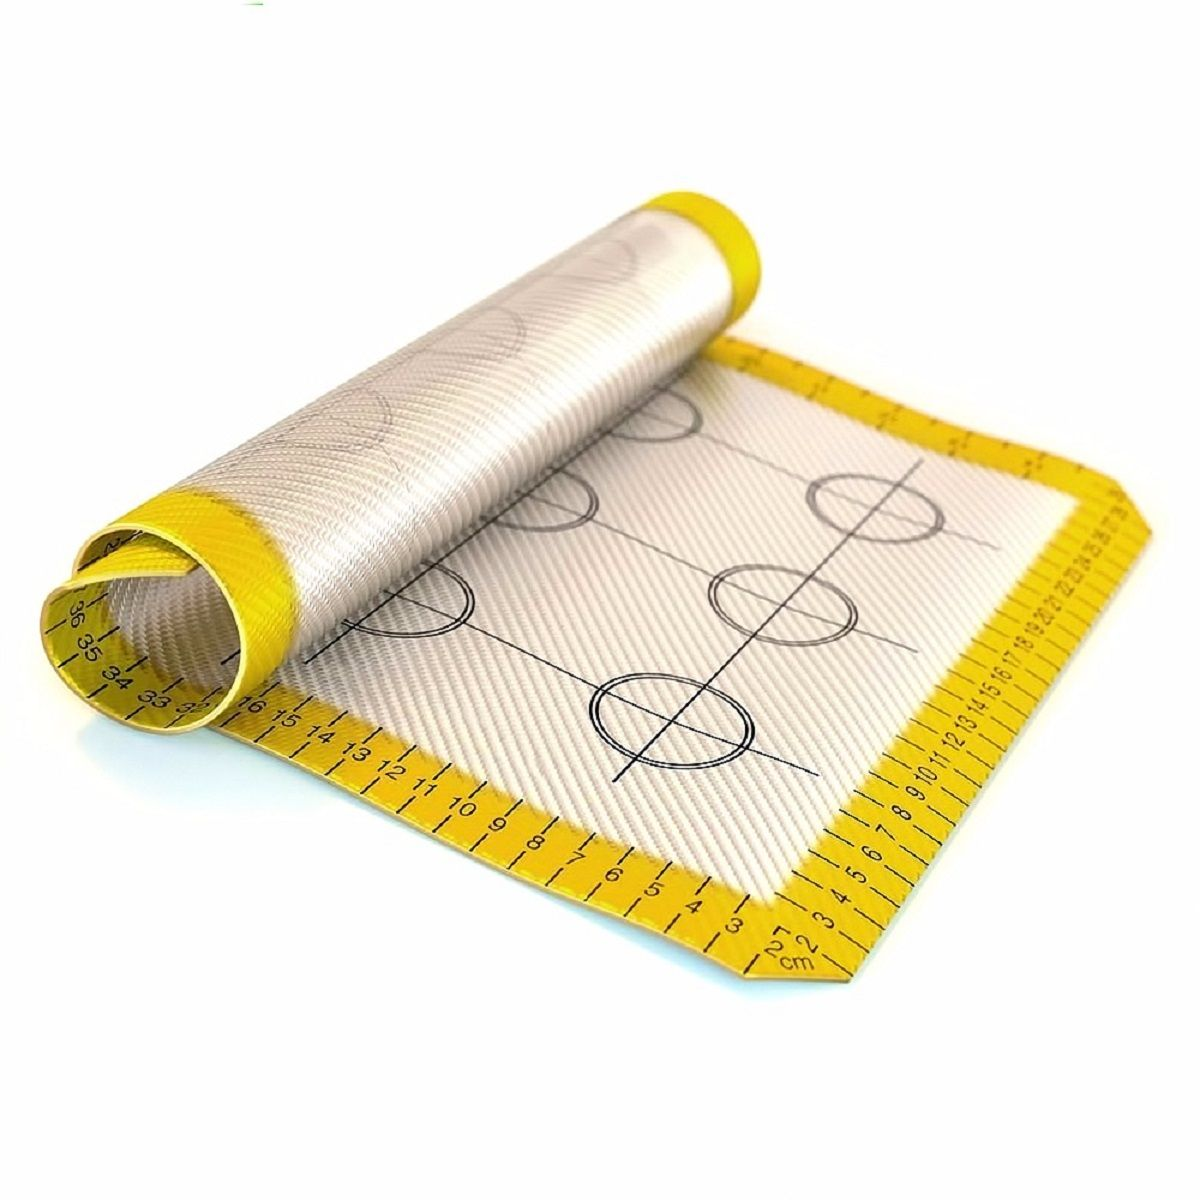 Коврик для выпекания FidgetGo, силиконовый, цвет: желтый, 40 х 30 см2212345678917Почему антипригарный силиконовый мат? Более легкая уборка после выпекания фруктовых пирожных, пиццы, печенья, рыбы, раскатывания теста. Больше ничего не прилипает! Строго протестированная, революционная поверхность без прилипания продуктов, означает, что вы будете использовать его каждый день, много лет! Продвинутая технология воздушной циркуляции обеспечивает равномерное приготовление, превосходную золотистую корочку: не нужно масло, вы все равно получите эту совершенную золотую текстуру, которую вы жаждете, без сырых или сожженных краев.Этот силиконовый мат заменит пергаментную бумагу и противень! Все просто.Надежные качественные материалы: Когда речь заходит о наших силиконовых формах и других кухонных принадлежностях, мы гарантируем использование нетоксичных, не содержащих BPA материалов, а также самых современных производственных процессов и строгий контроль качества. Его можно использовать для морозильной камеры и в посудомоечной машины.